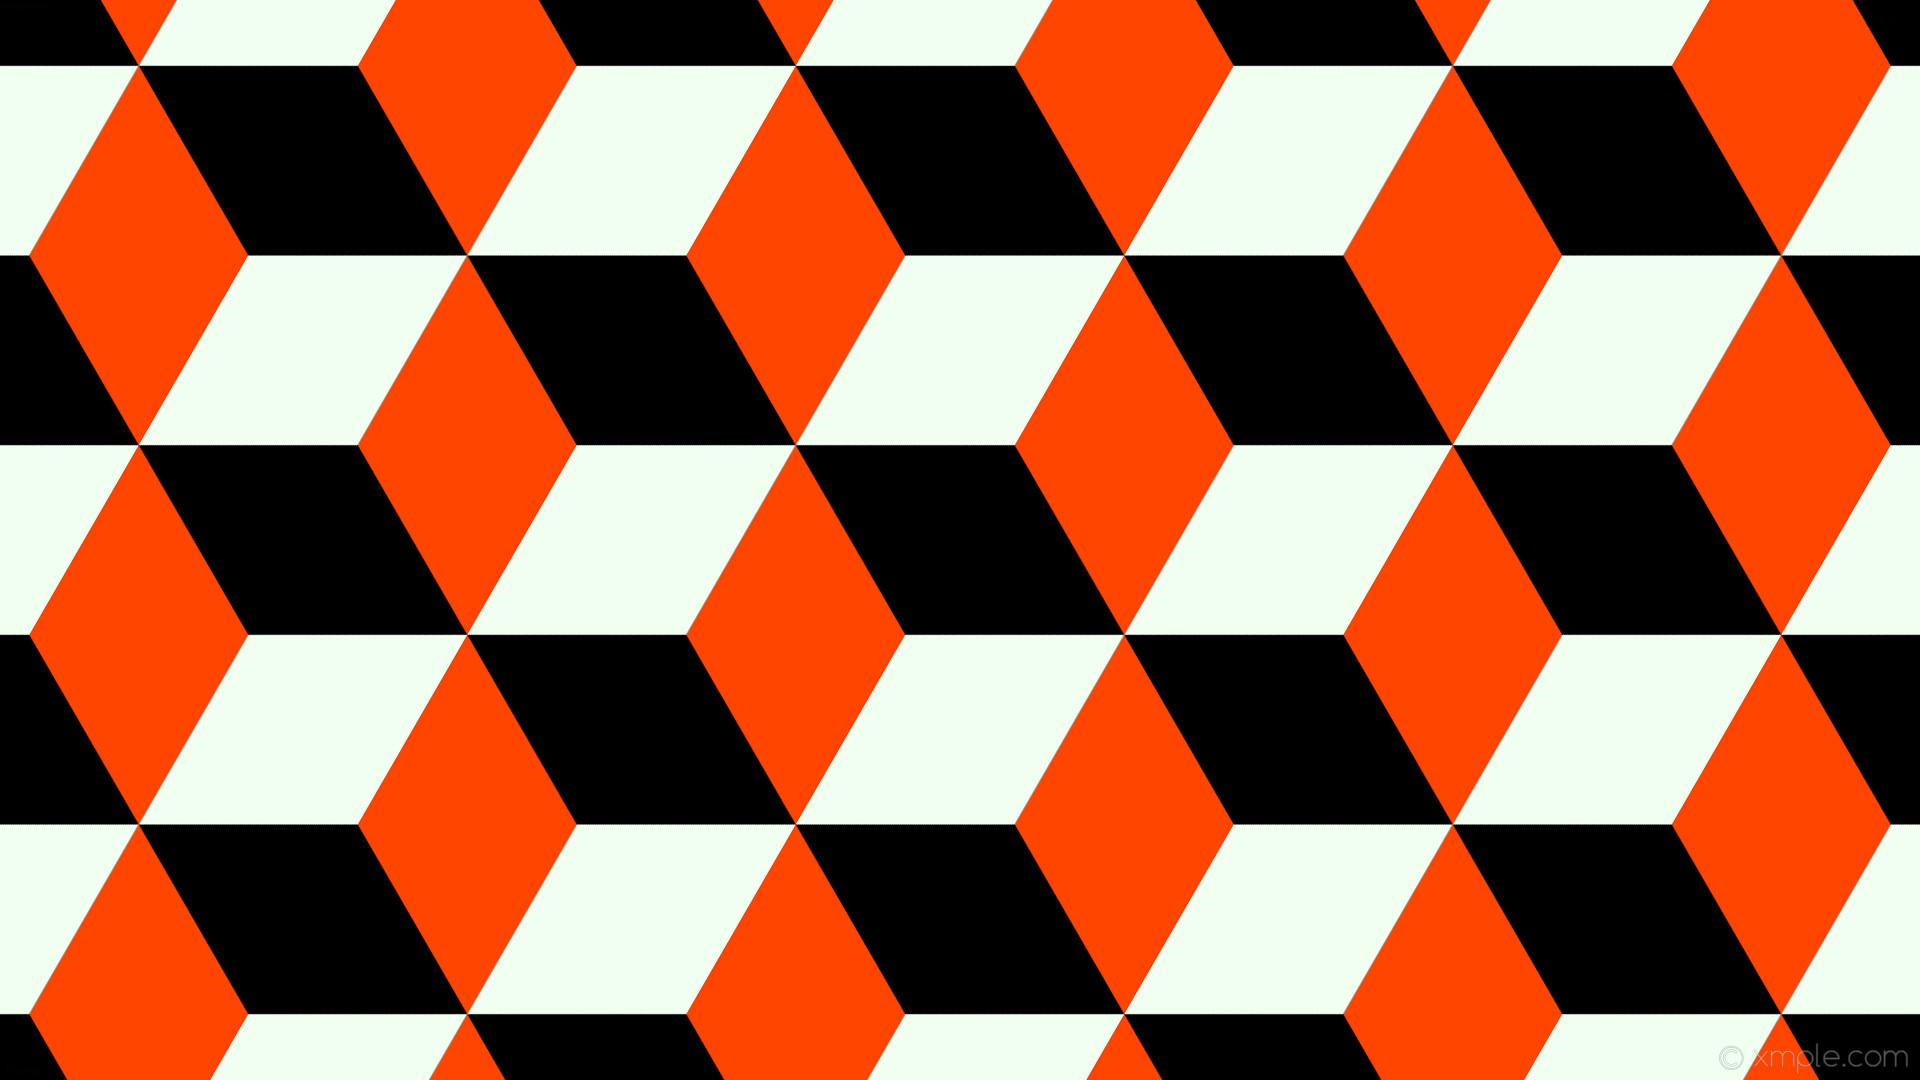 wallpaper white 3d cubes orange black orangered honeydew #000000 #ff4500  #f0fff0 330°